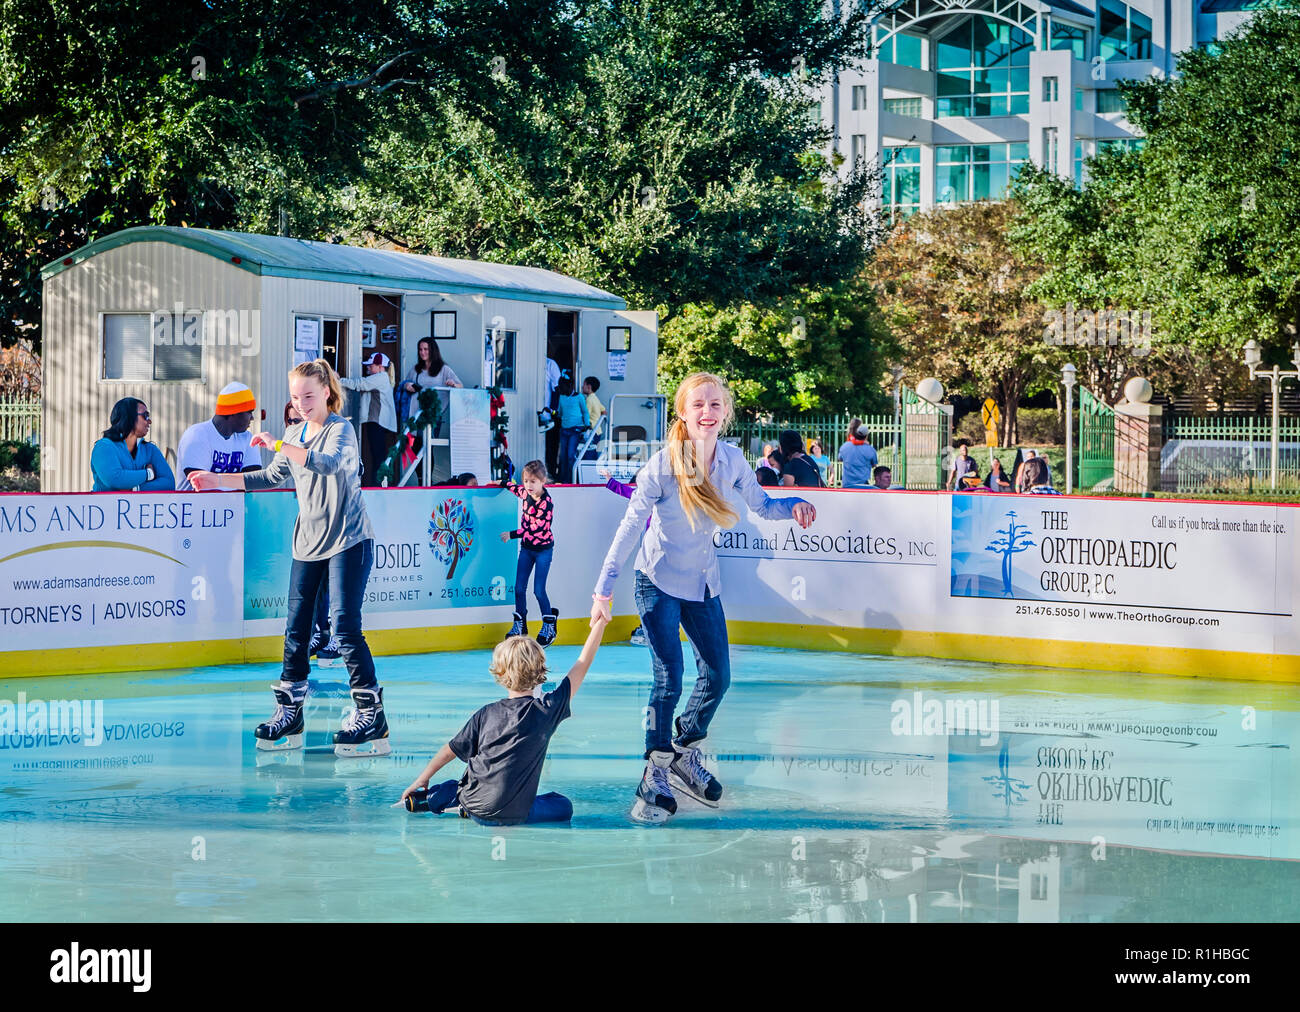 Children ice skate at Riverside Ice in Cooper Riverside Park, November 27, 2015, in Mobile, Alabama. - Stock Image